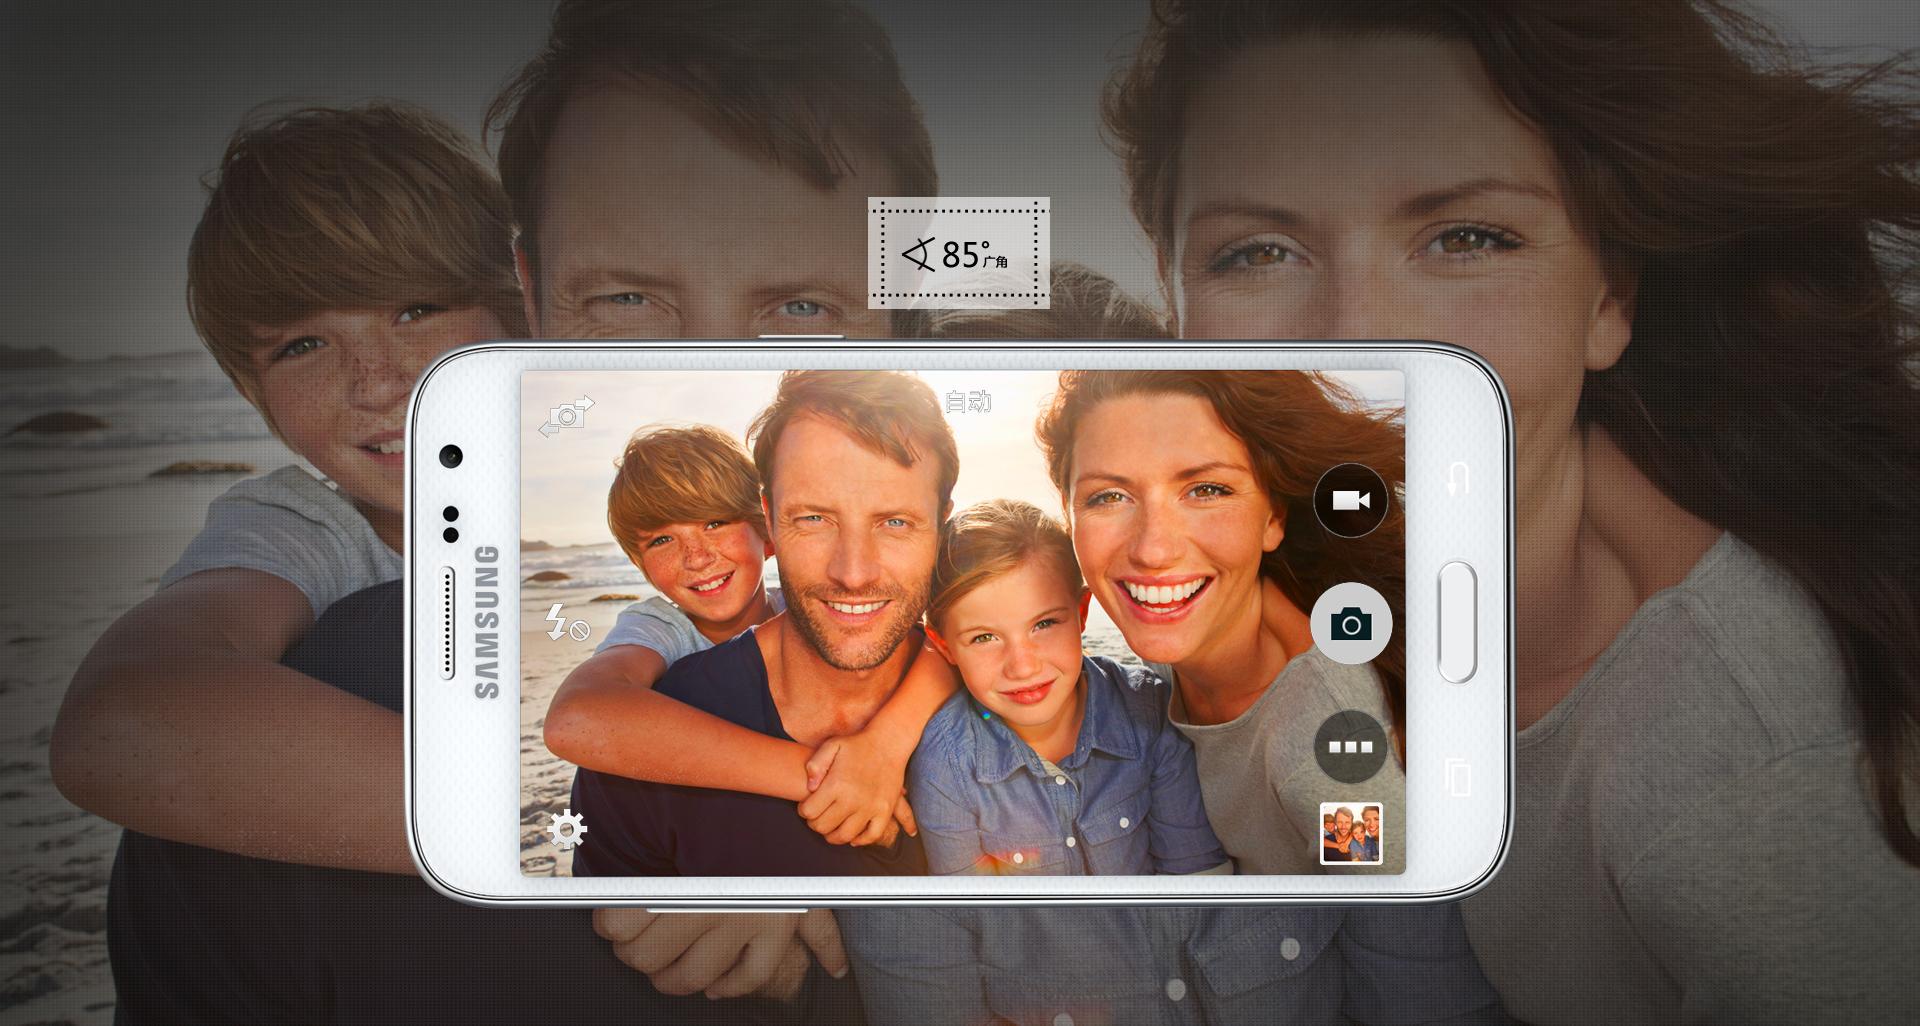 Samsung-ը թողարկել է Galaxy Core Max սմարթֆոնը